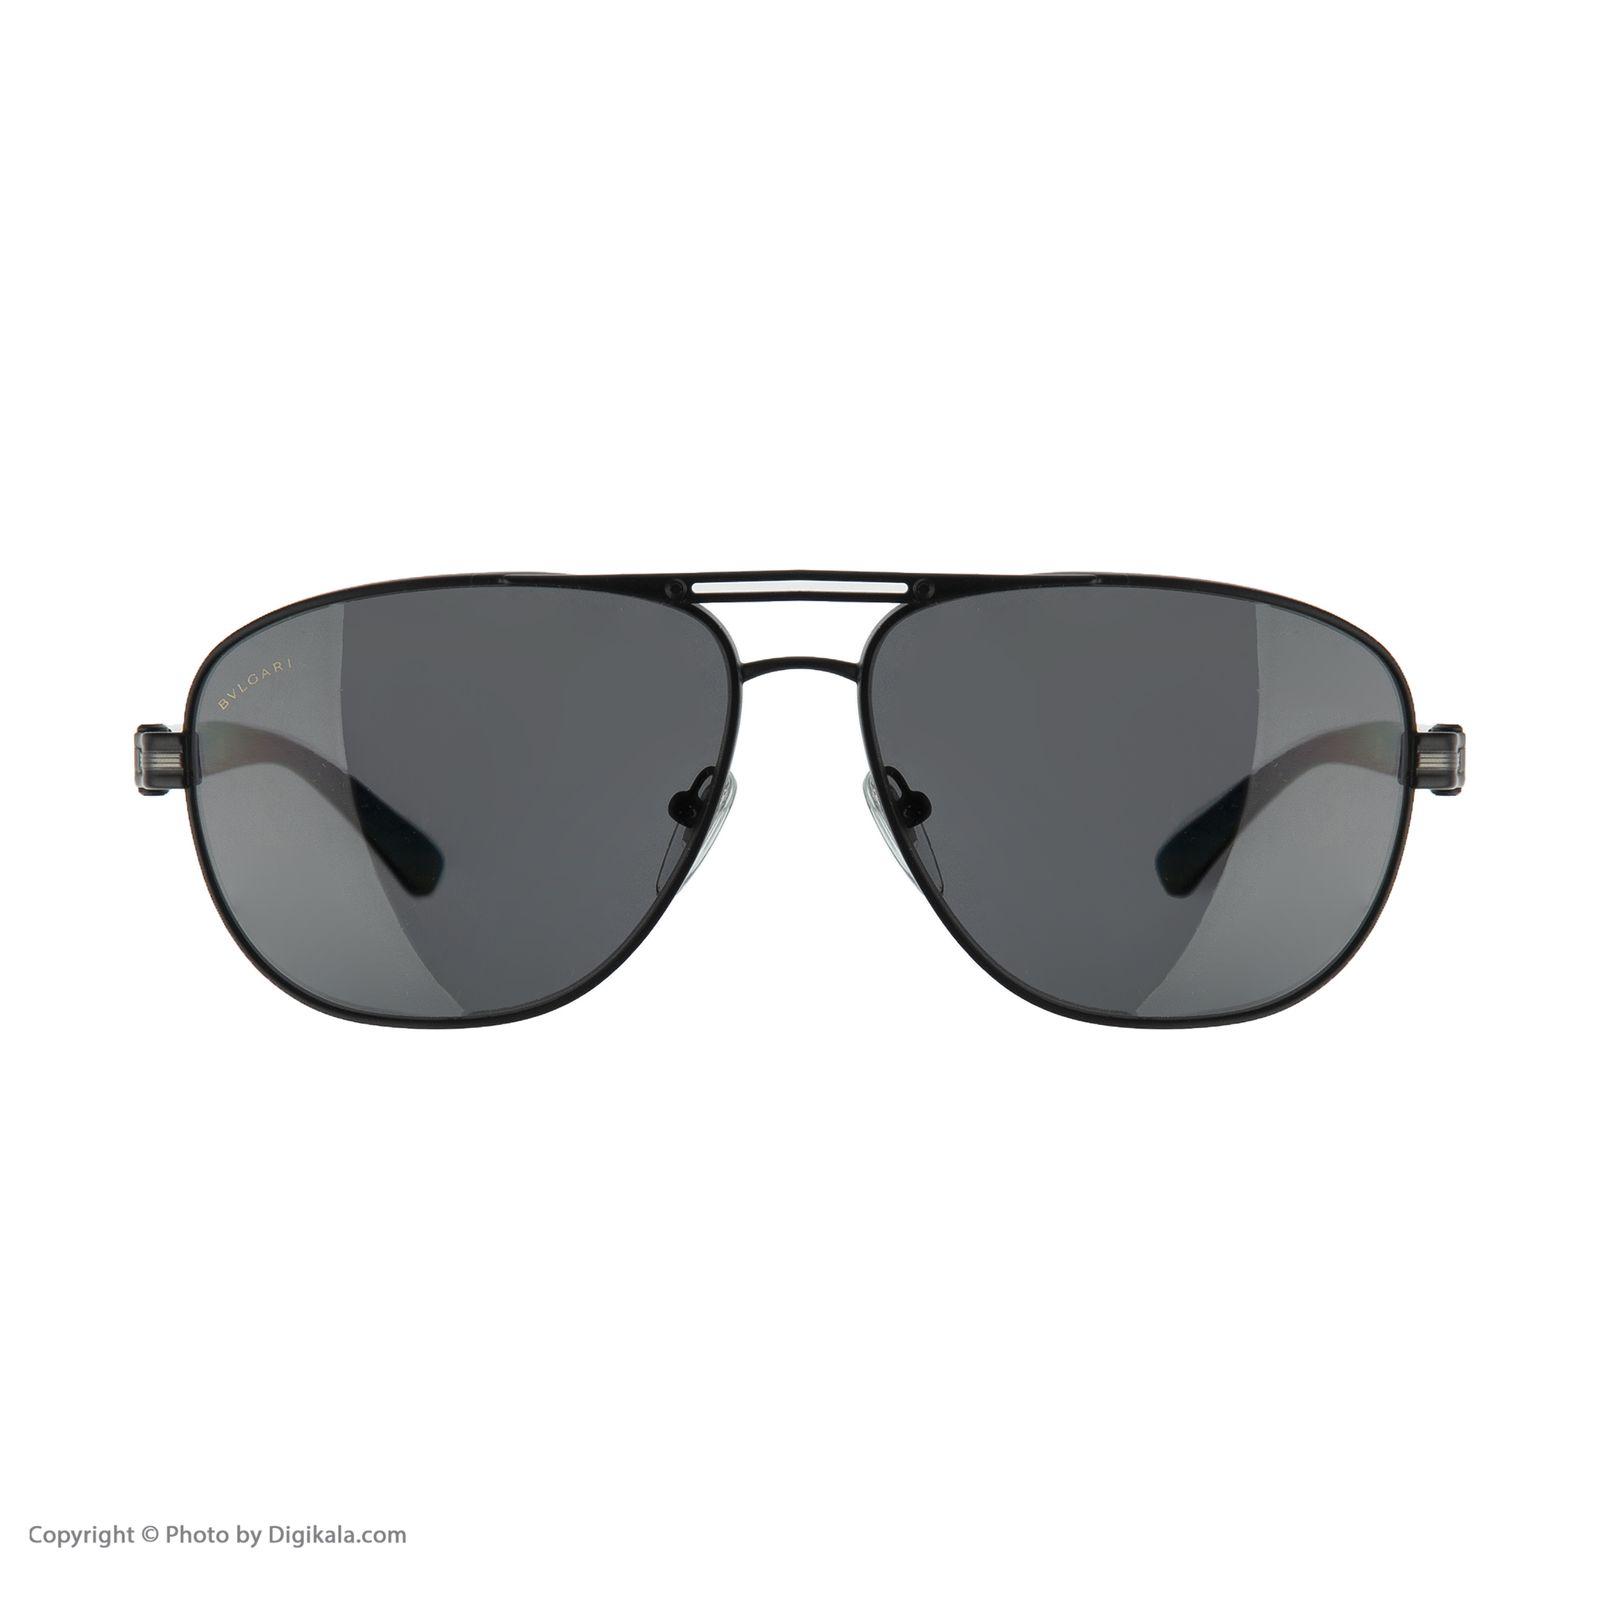 عینک آفتابی مردانه بولگاری مدل BV5033S 12887 -  - 3